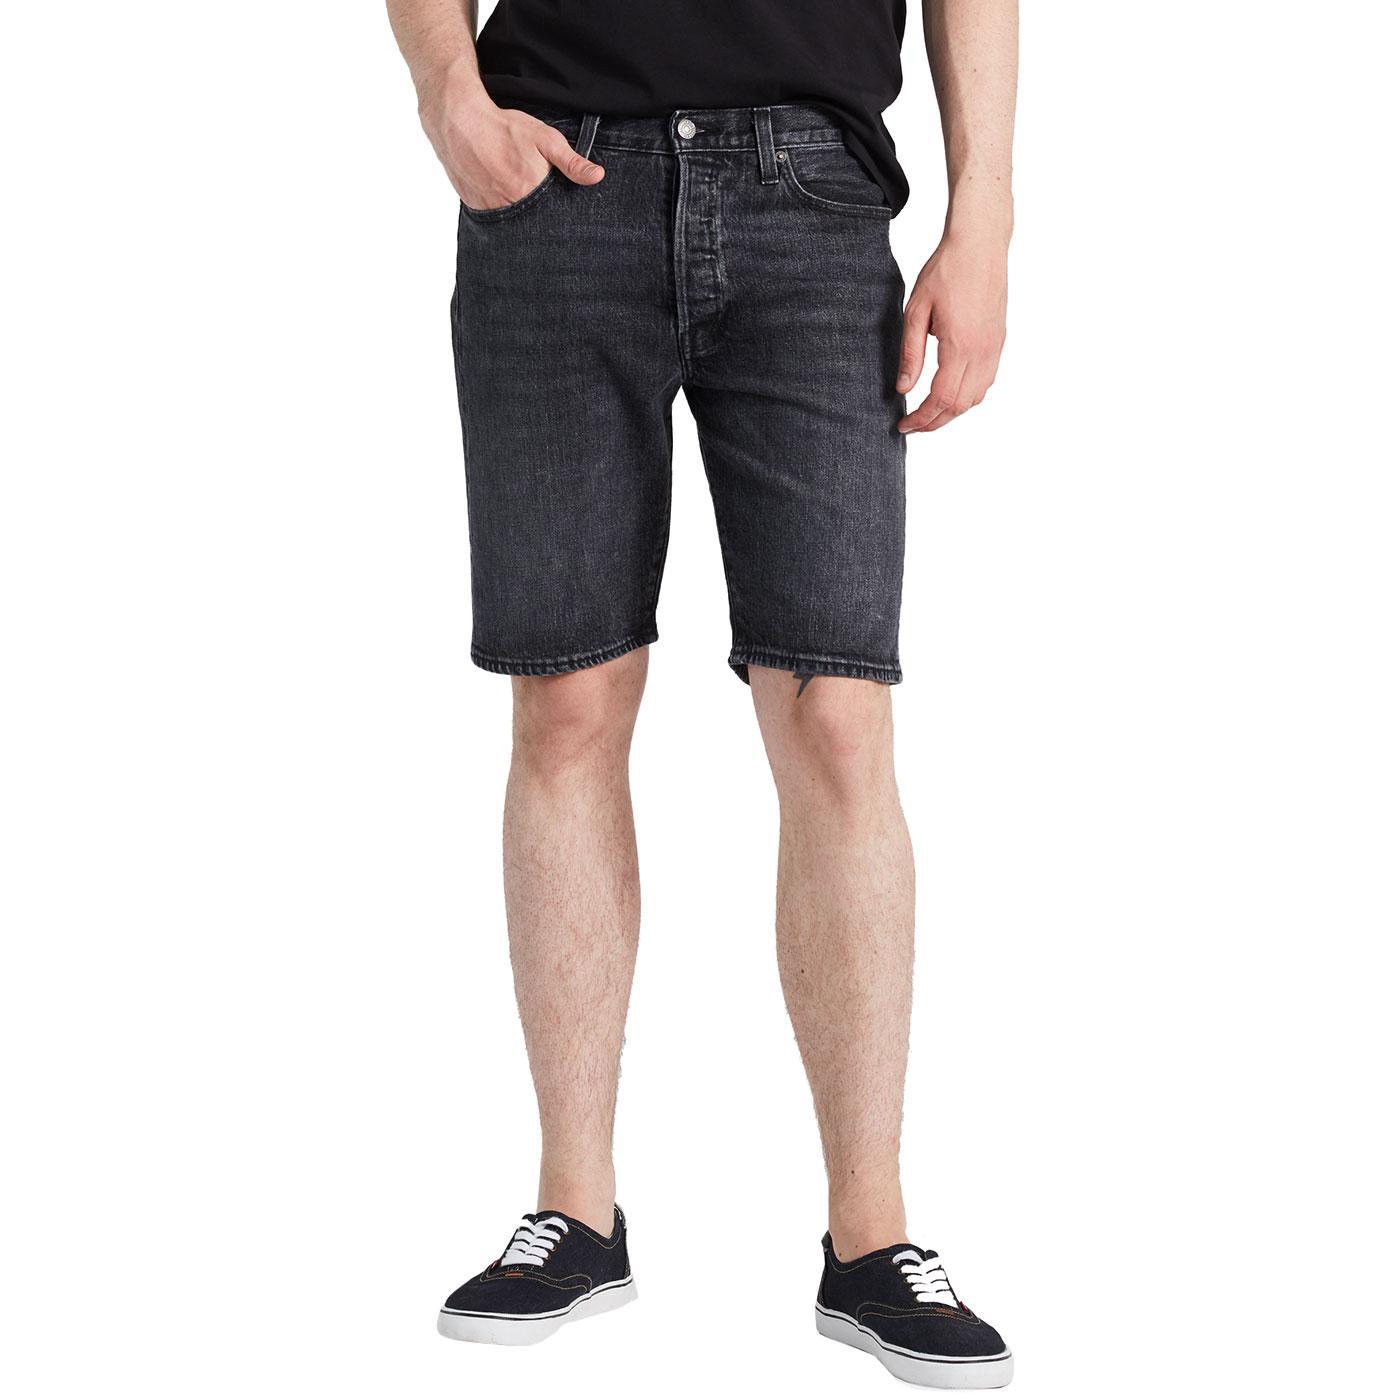 LEVI'S 501 Men's Retro Denim Hemmed Shorts (Black)